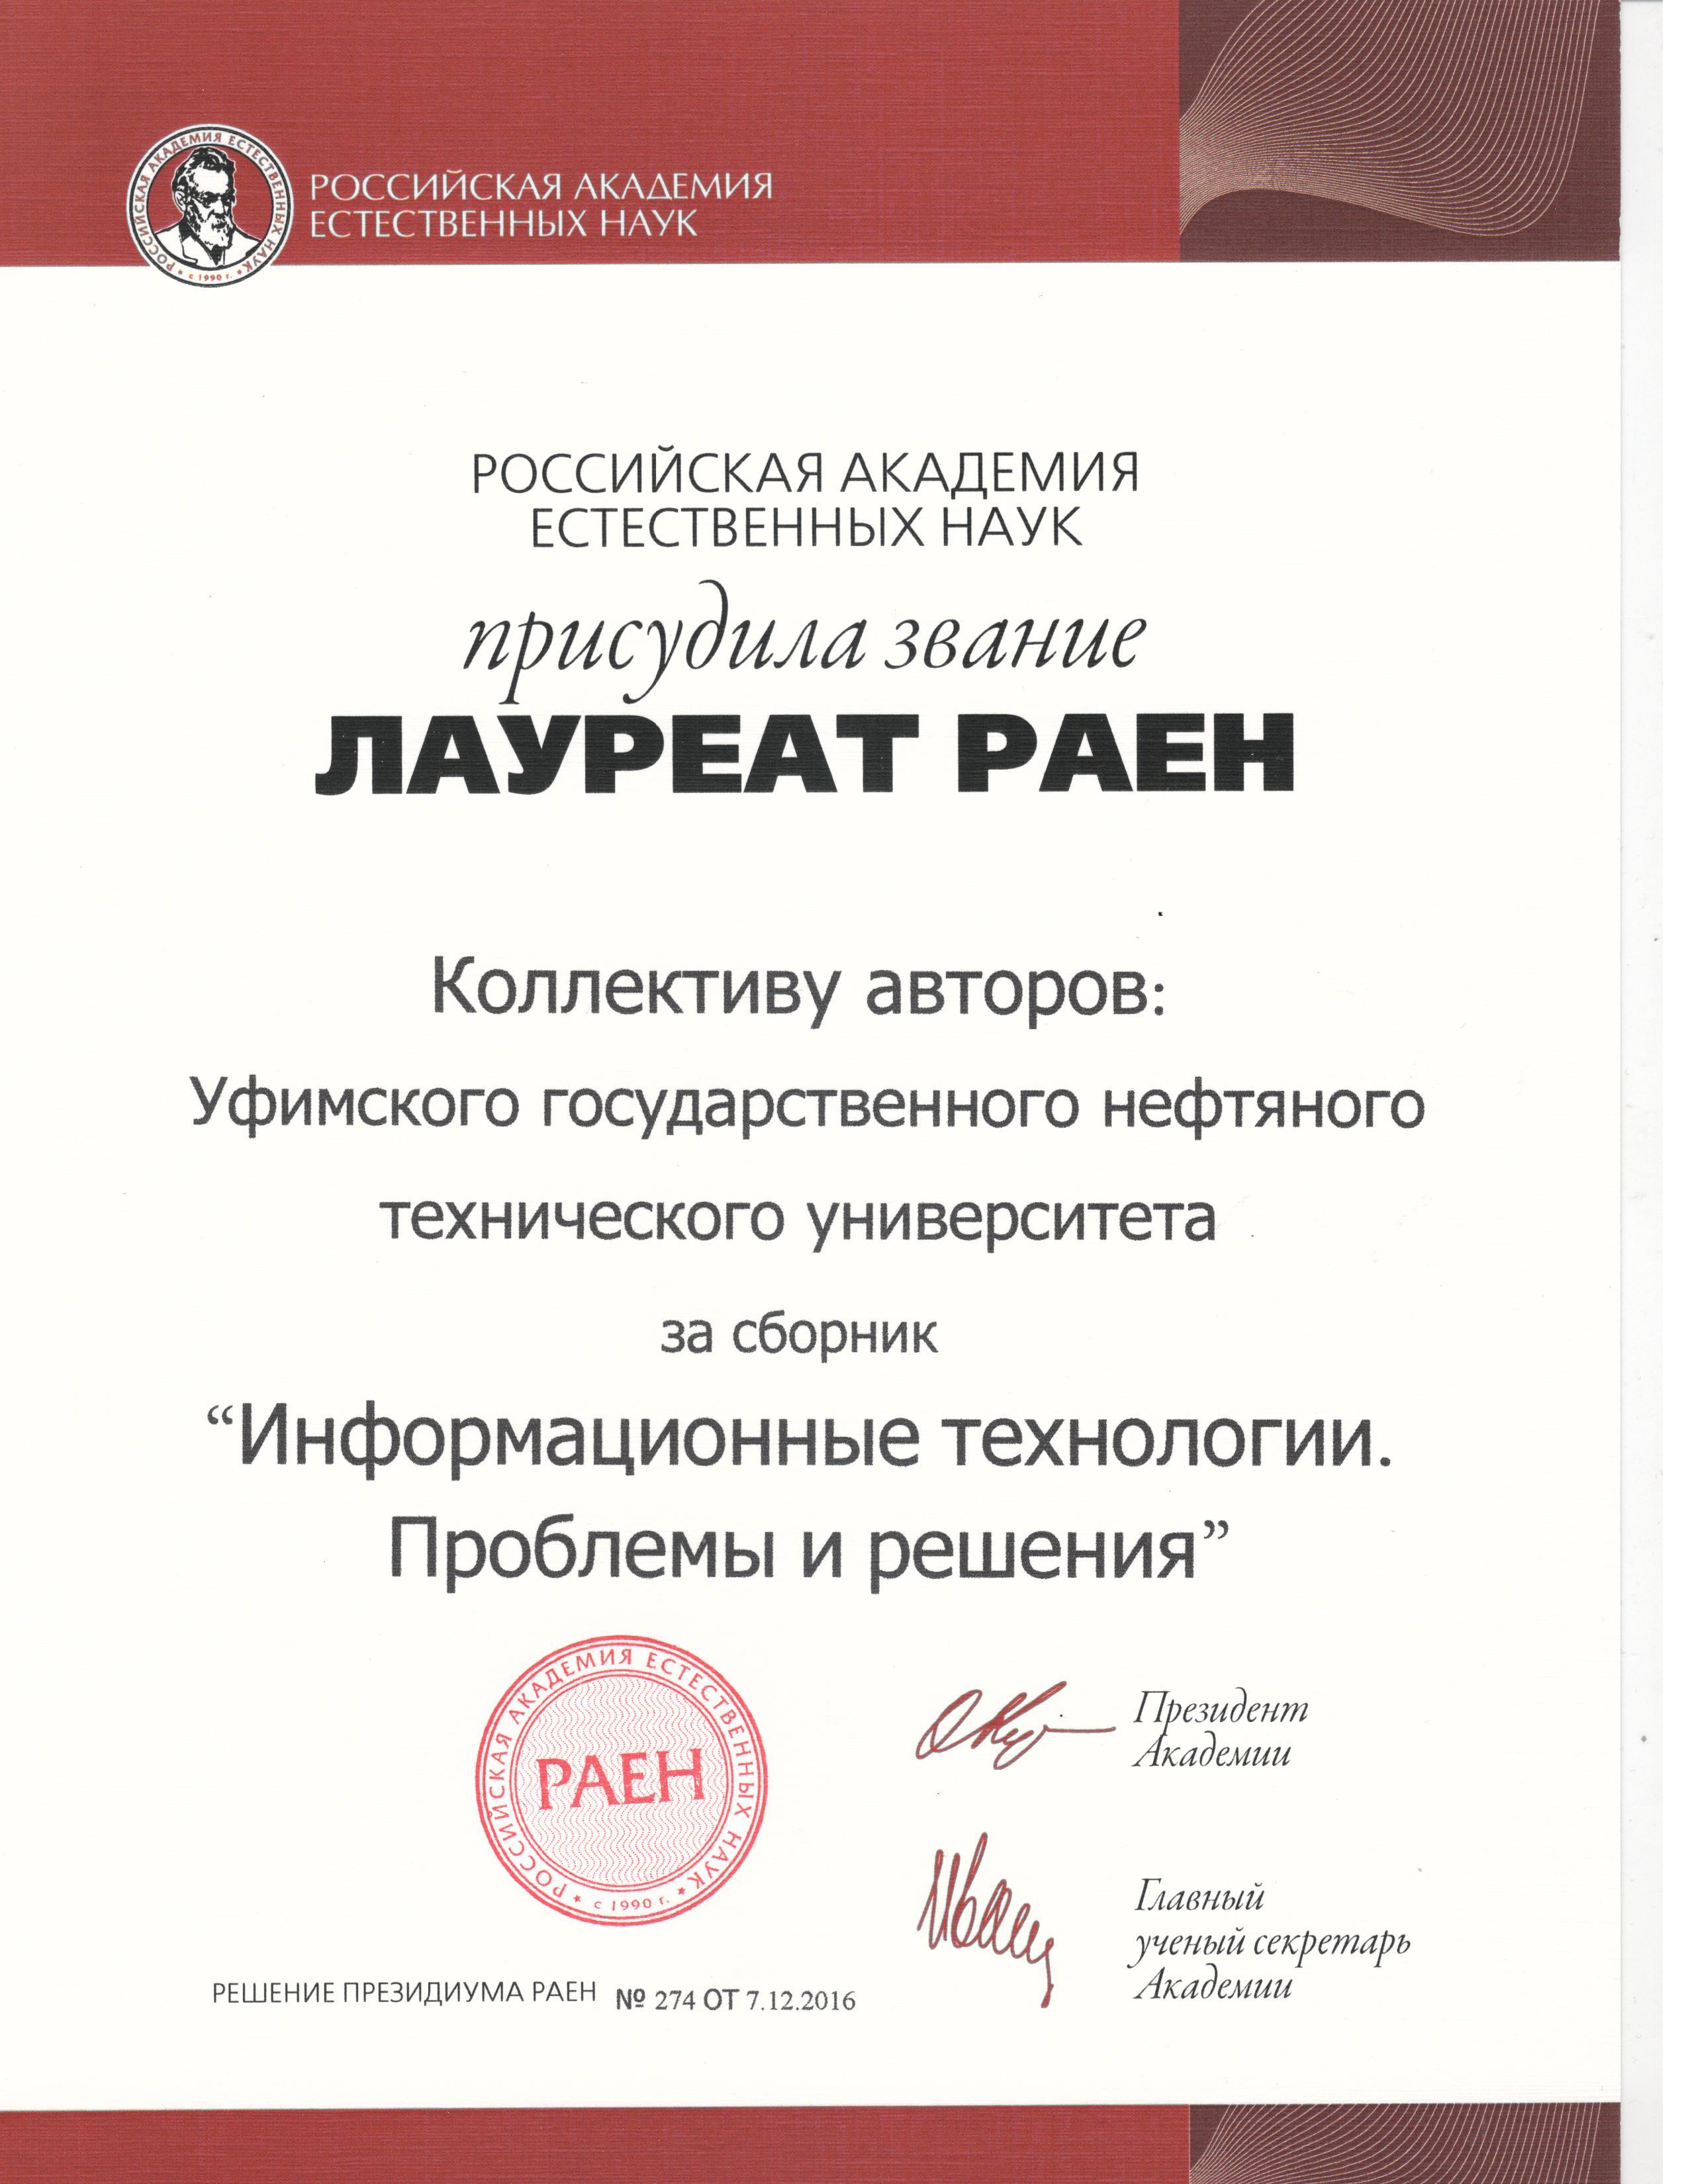 Лауреат РАЕН, №274 от 07.12.2016, #КафедраВТИК, #ВТИК, #ФАПП, #УГНТУ, #РАЕН